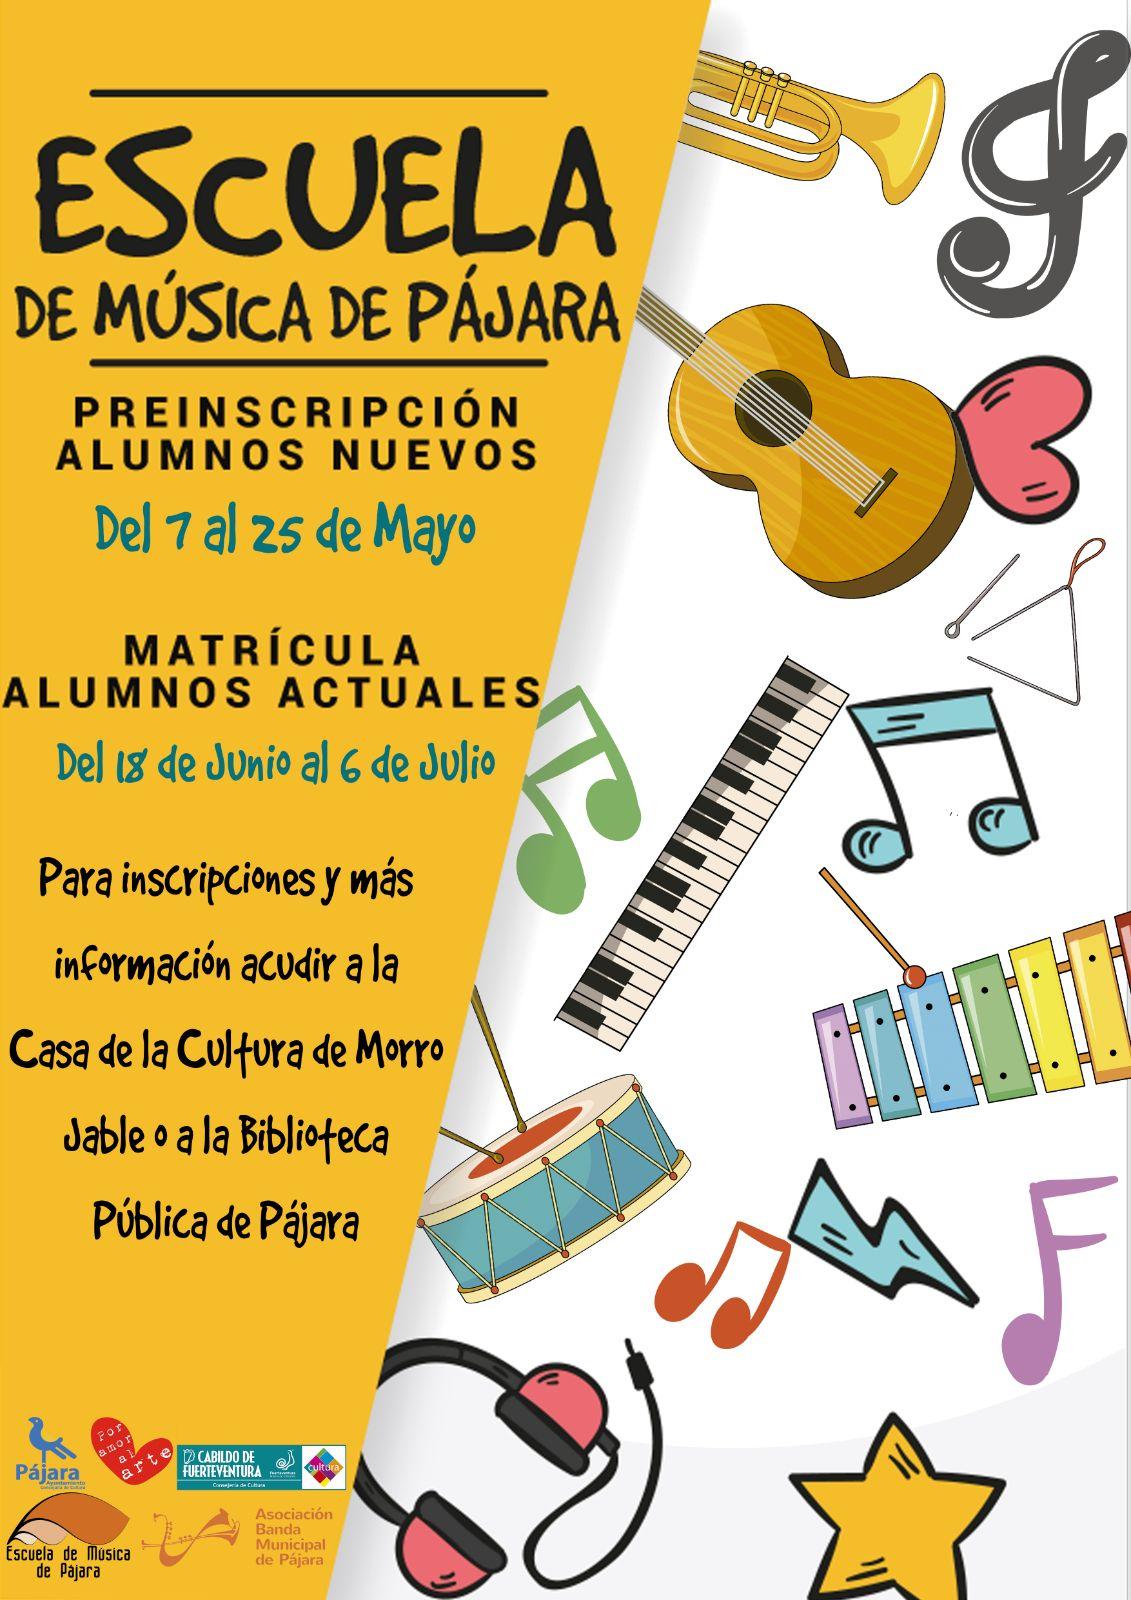 La Escuela de Música de Pájara abre el plazo de preinscripción de nuevos alumnos este lunes, 7 de mayo